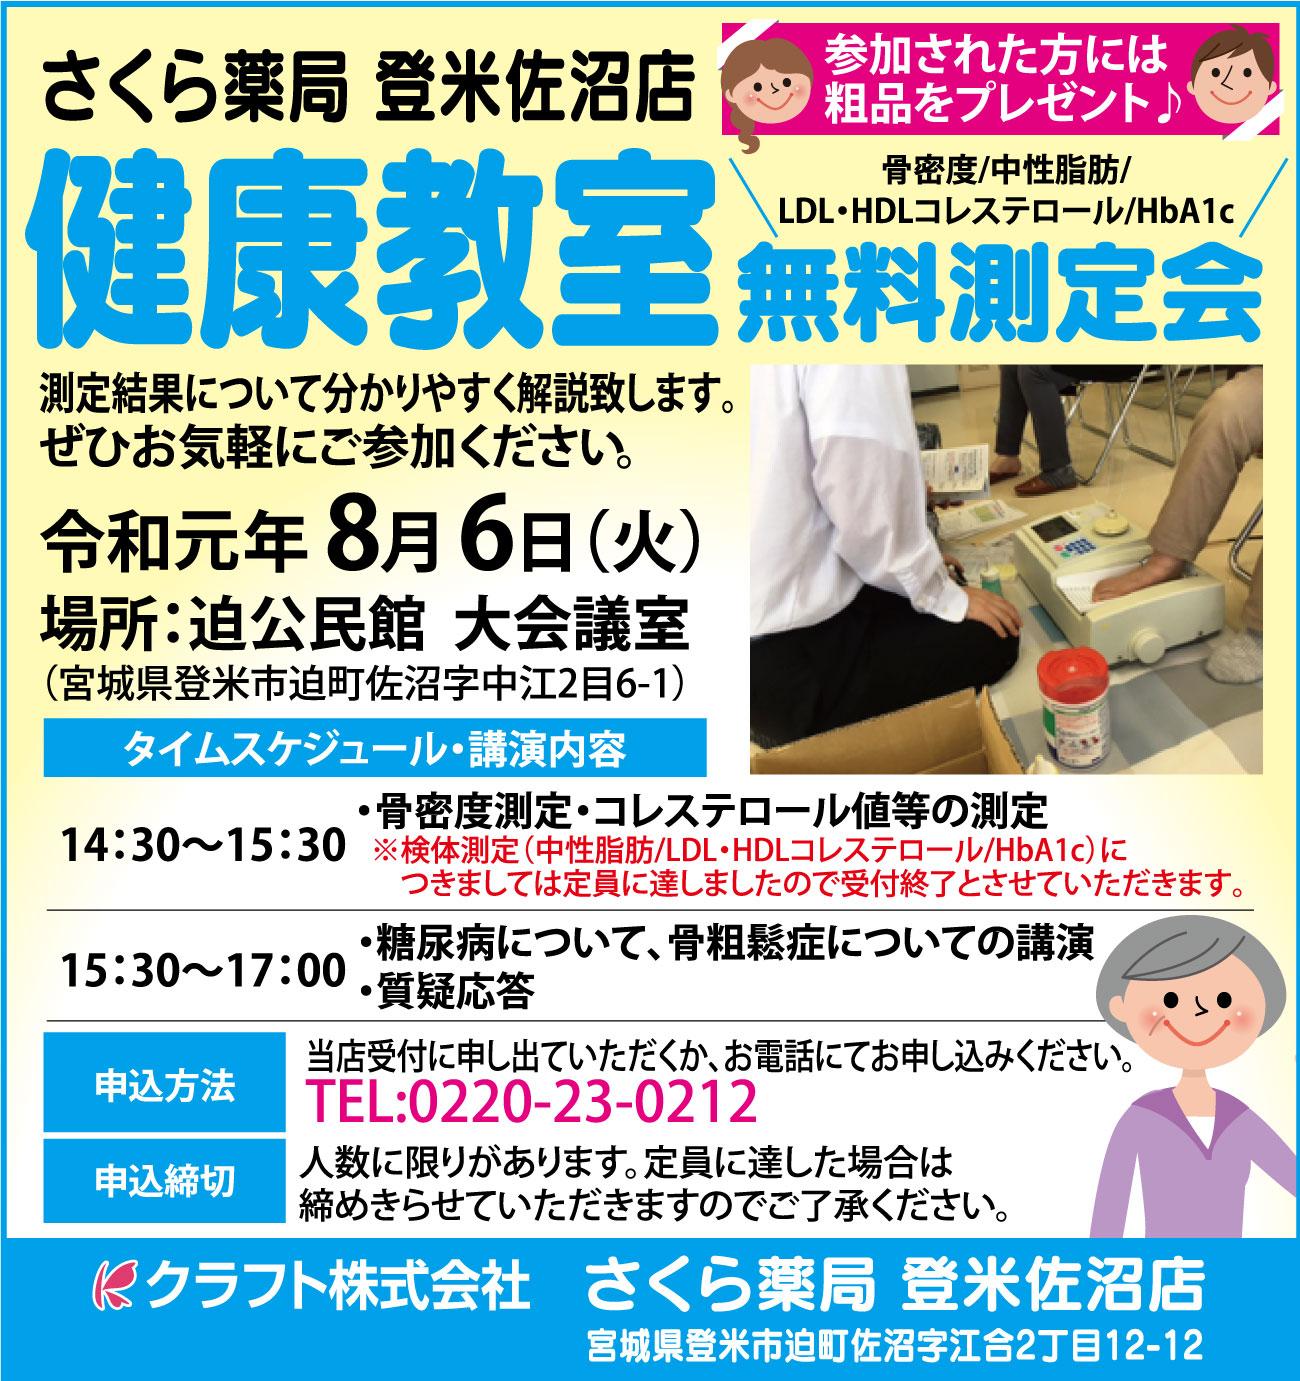 令和元年8月6日(火)【登米市迫町】さくら薬局 健康教室|骨密度/中性脂肪/LDL・HDLコレストロール/HbA1c無料測定会開催